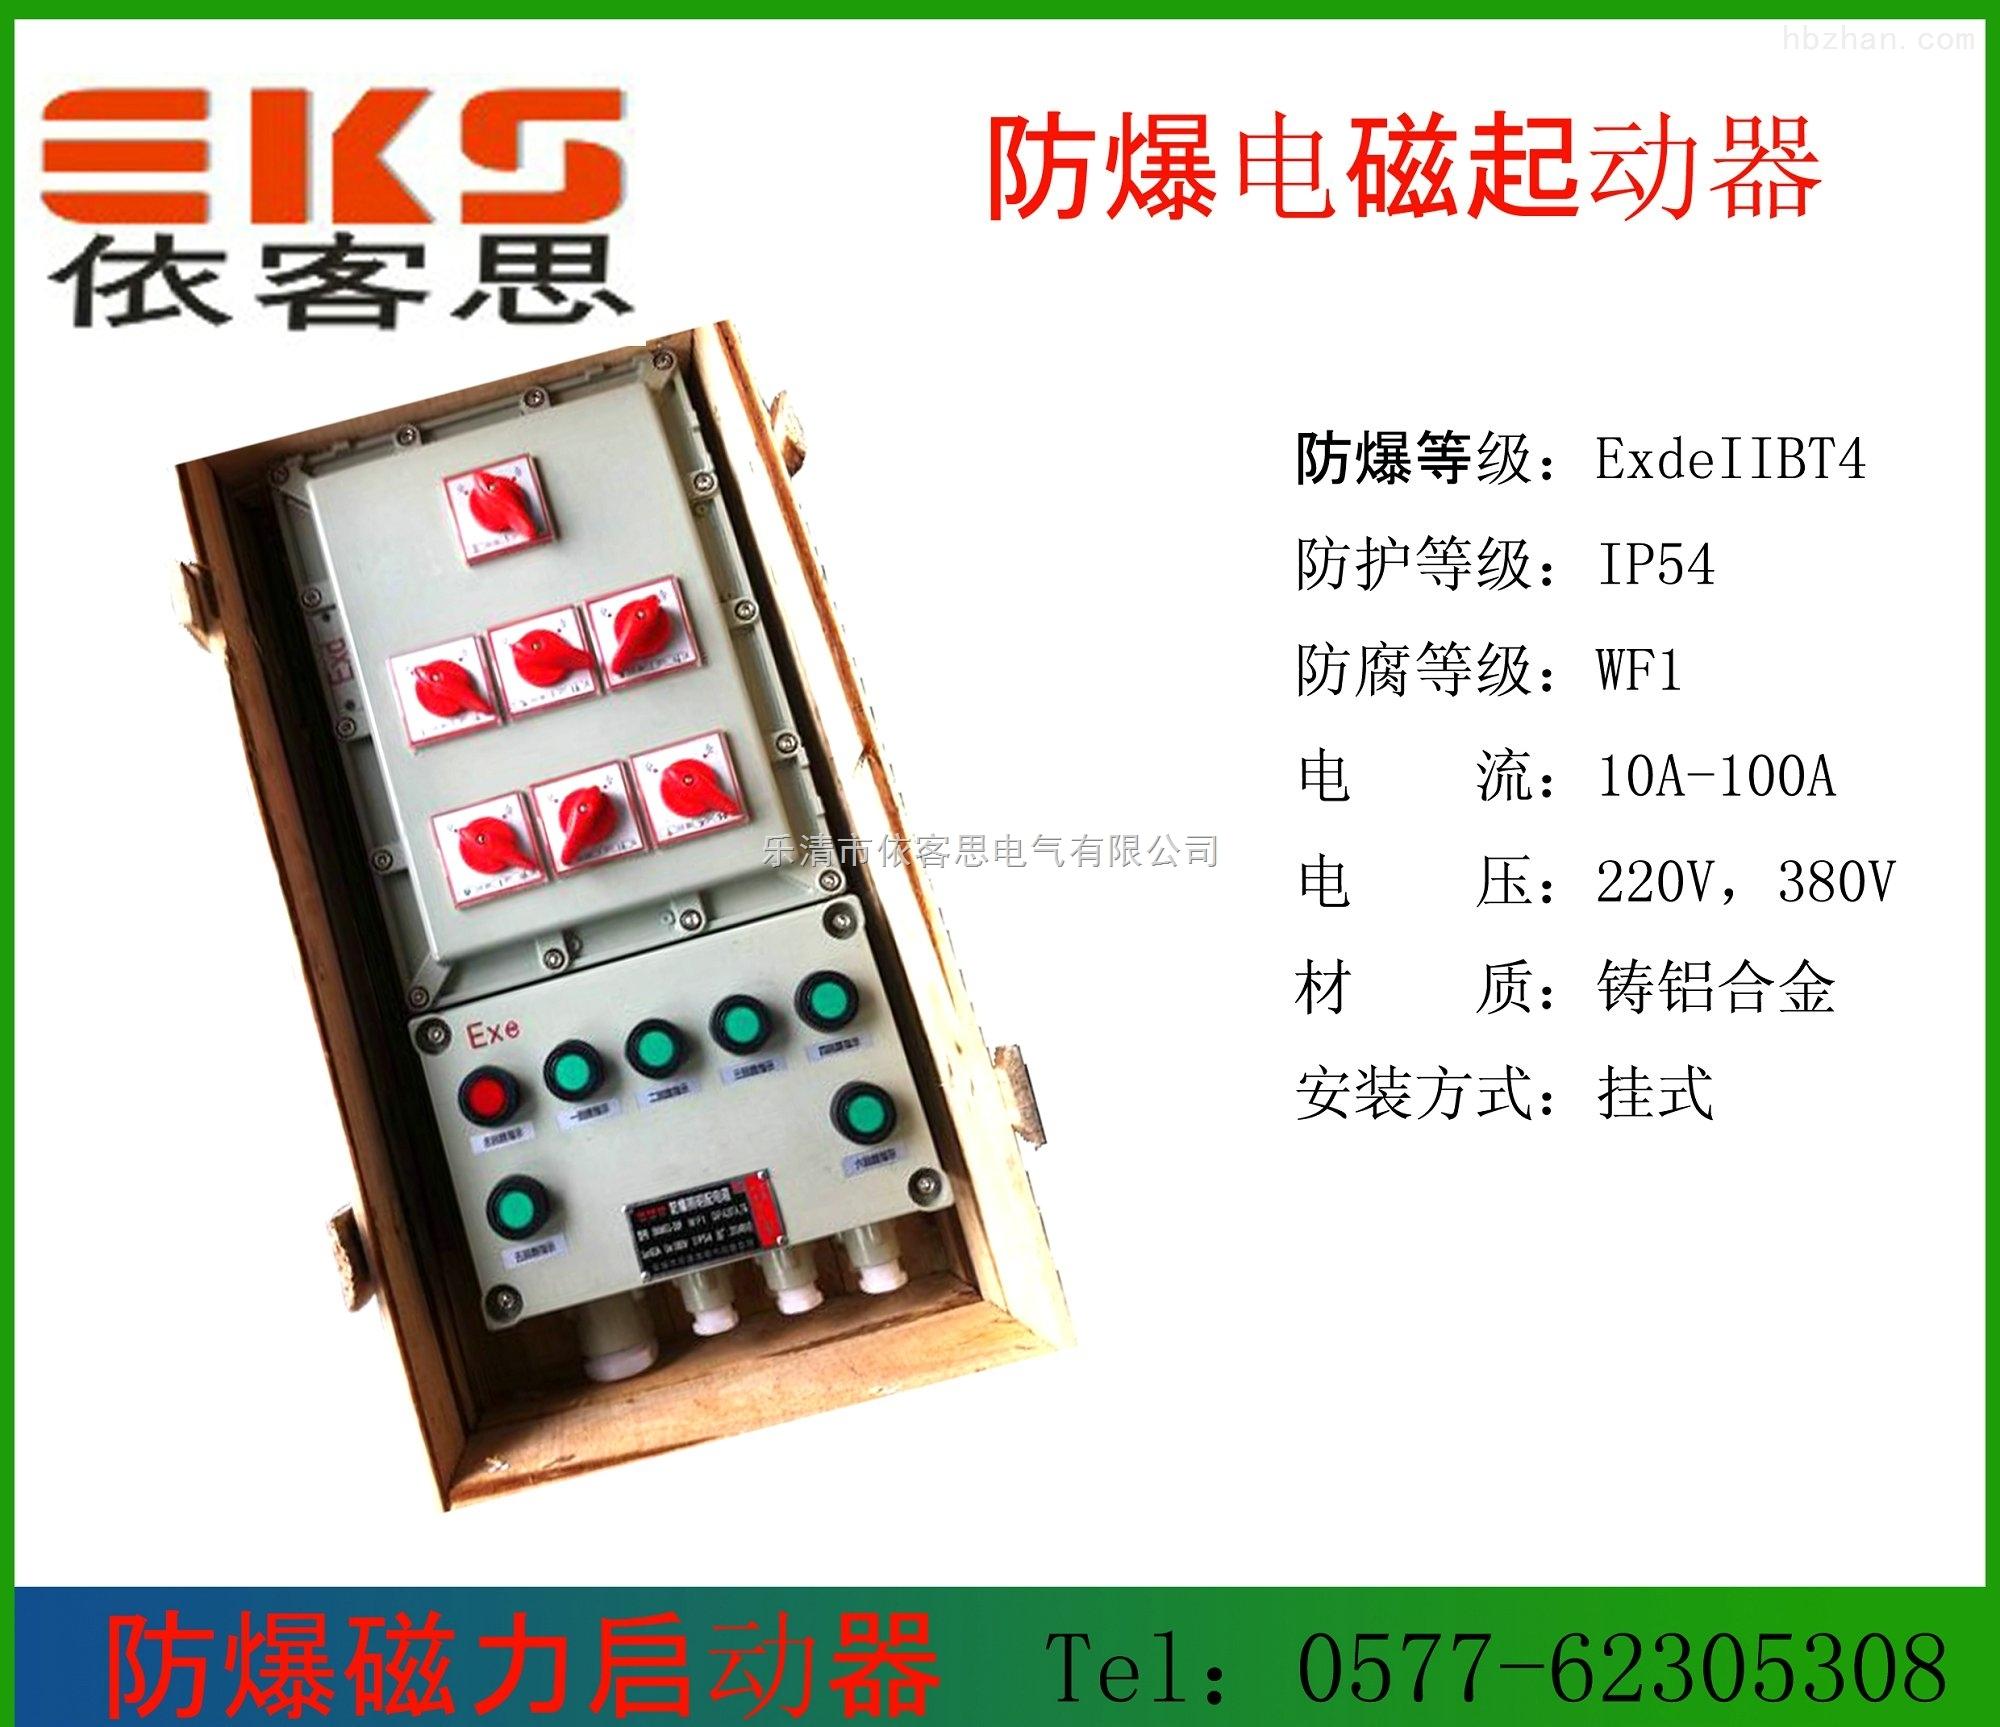 bqc-18a防爆磁力启动器接线图以及工作原理